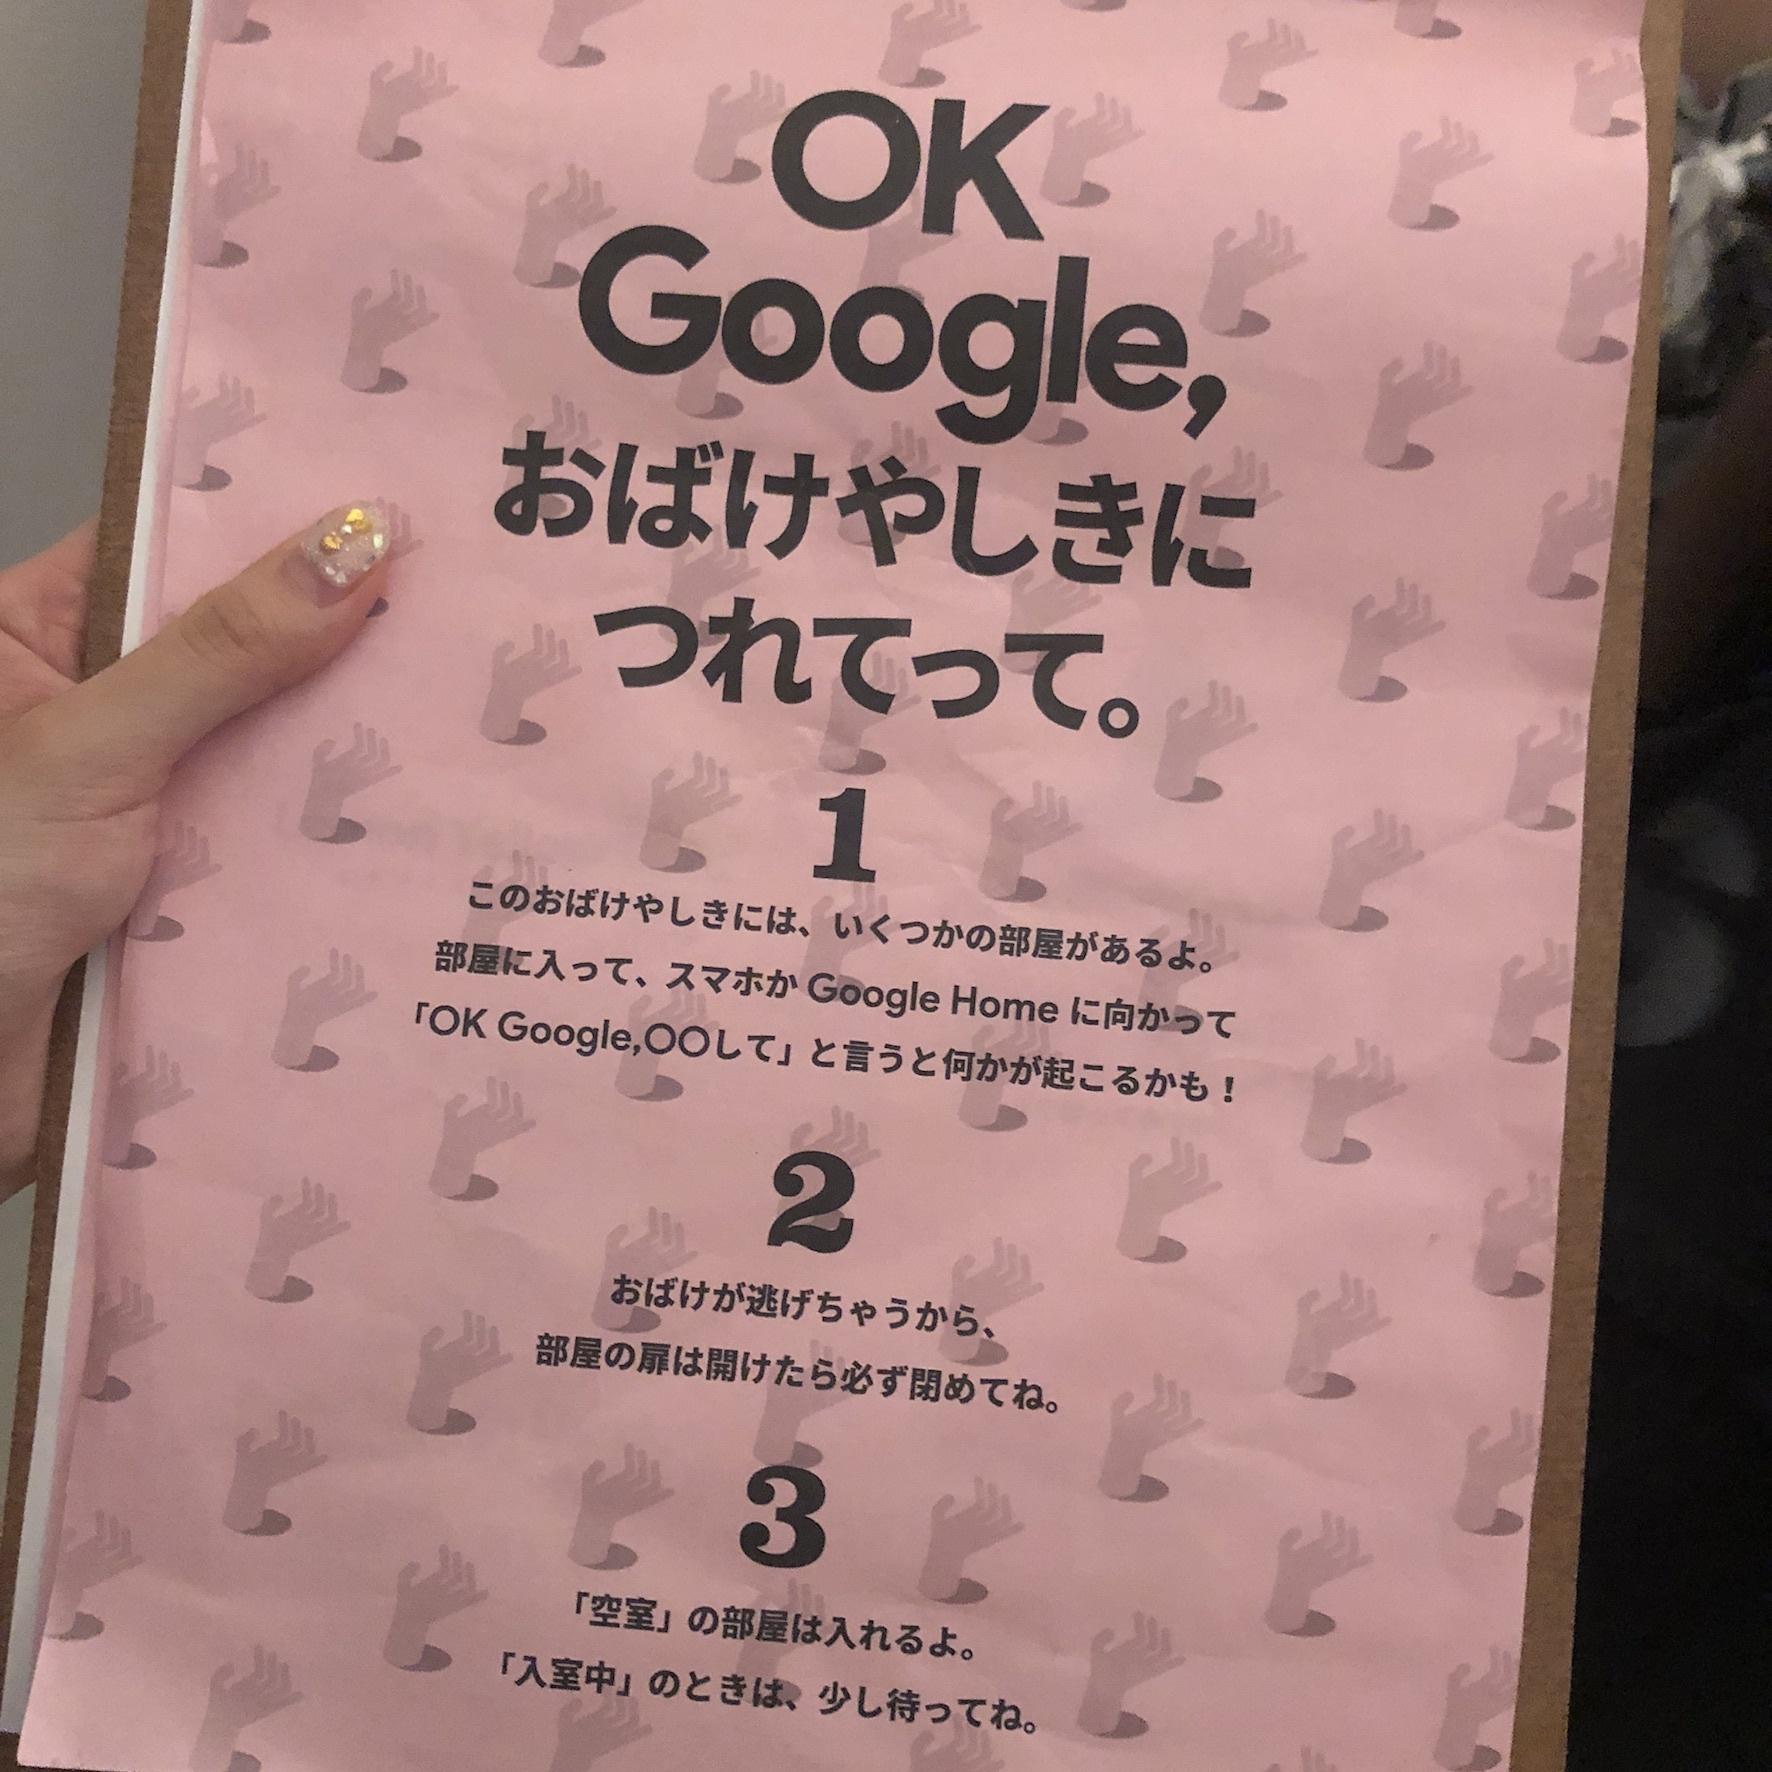 Vol.57♡ 9/2まで期間限定!世界一かわいいお化け屋敷、『OK Google, おばけやしきにつれてって。』_1_2-1